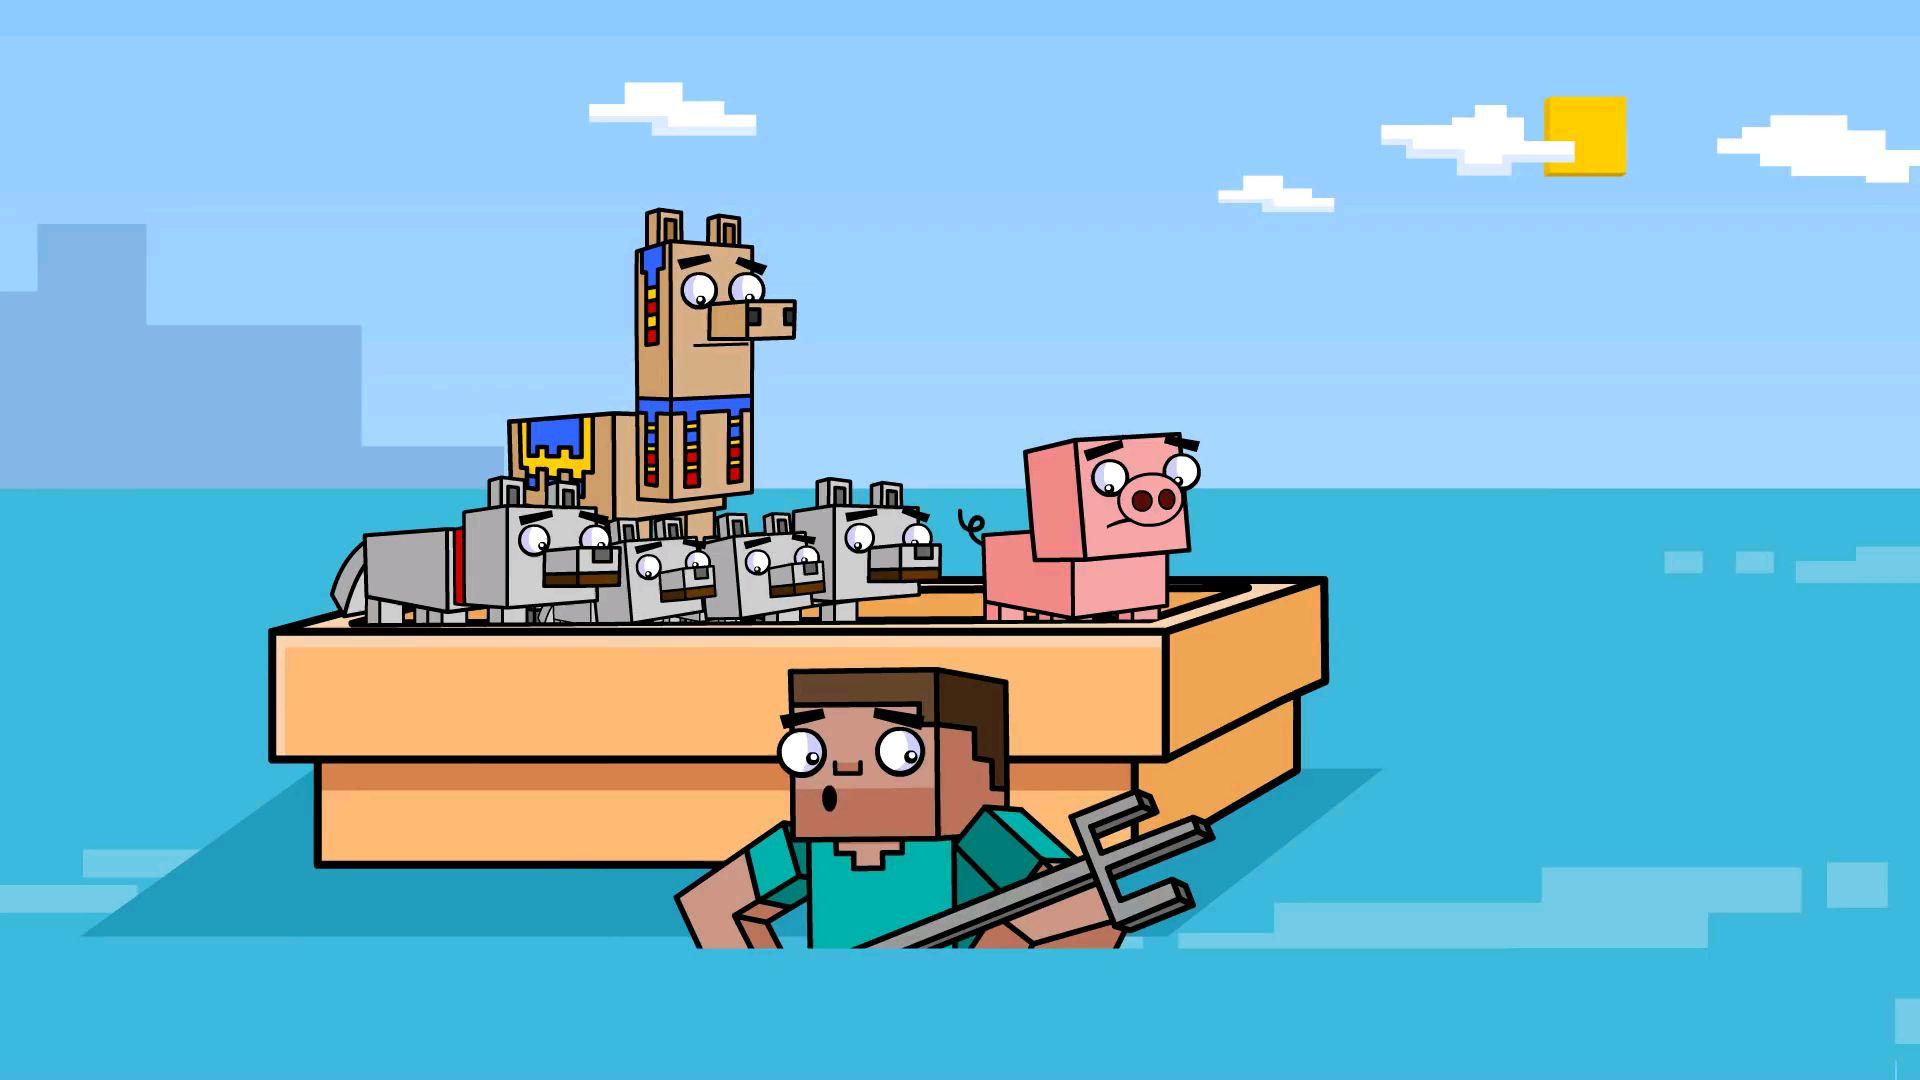 《我的世界》生存模式 探险小队动画